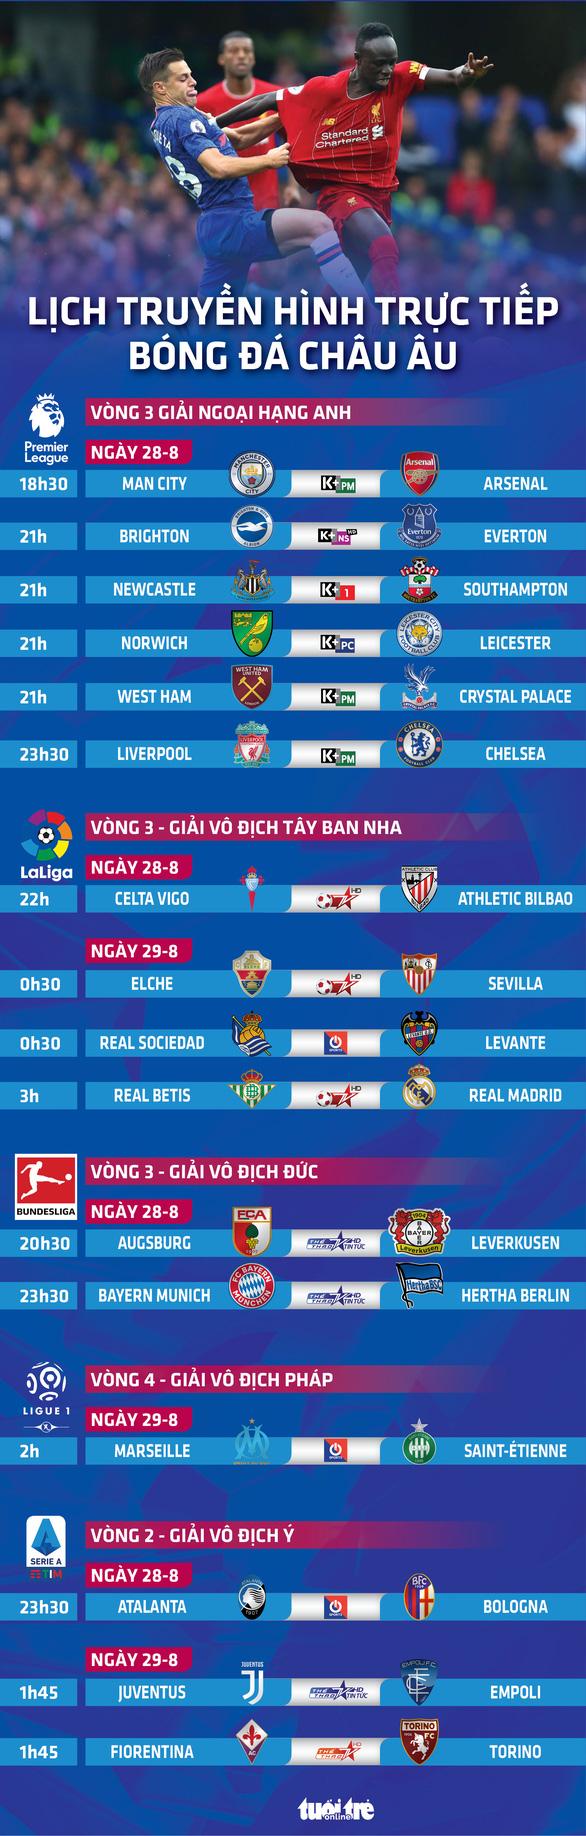 Lịch trực tiếp bóng đá châu Âu 28-8: Man City - Arsenal, Liverpool - Chelsea - Ảnh 1.